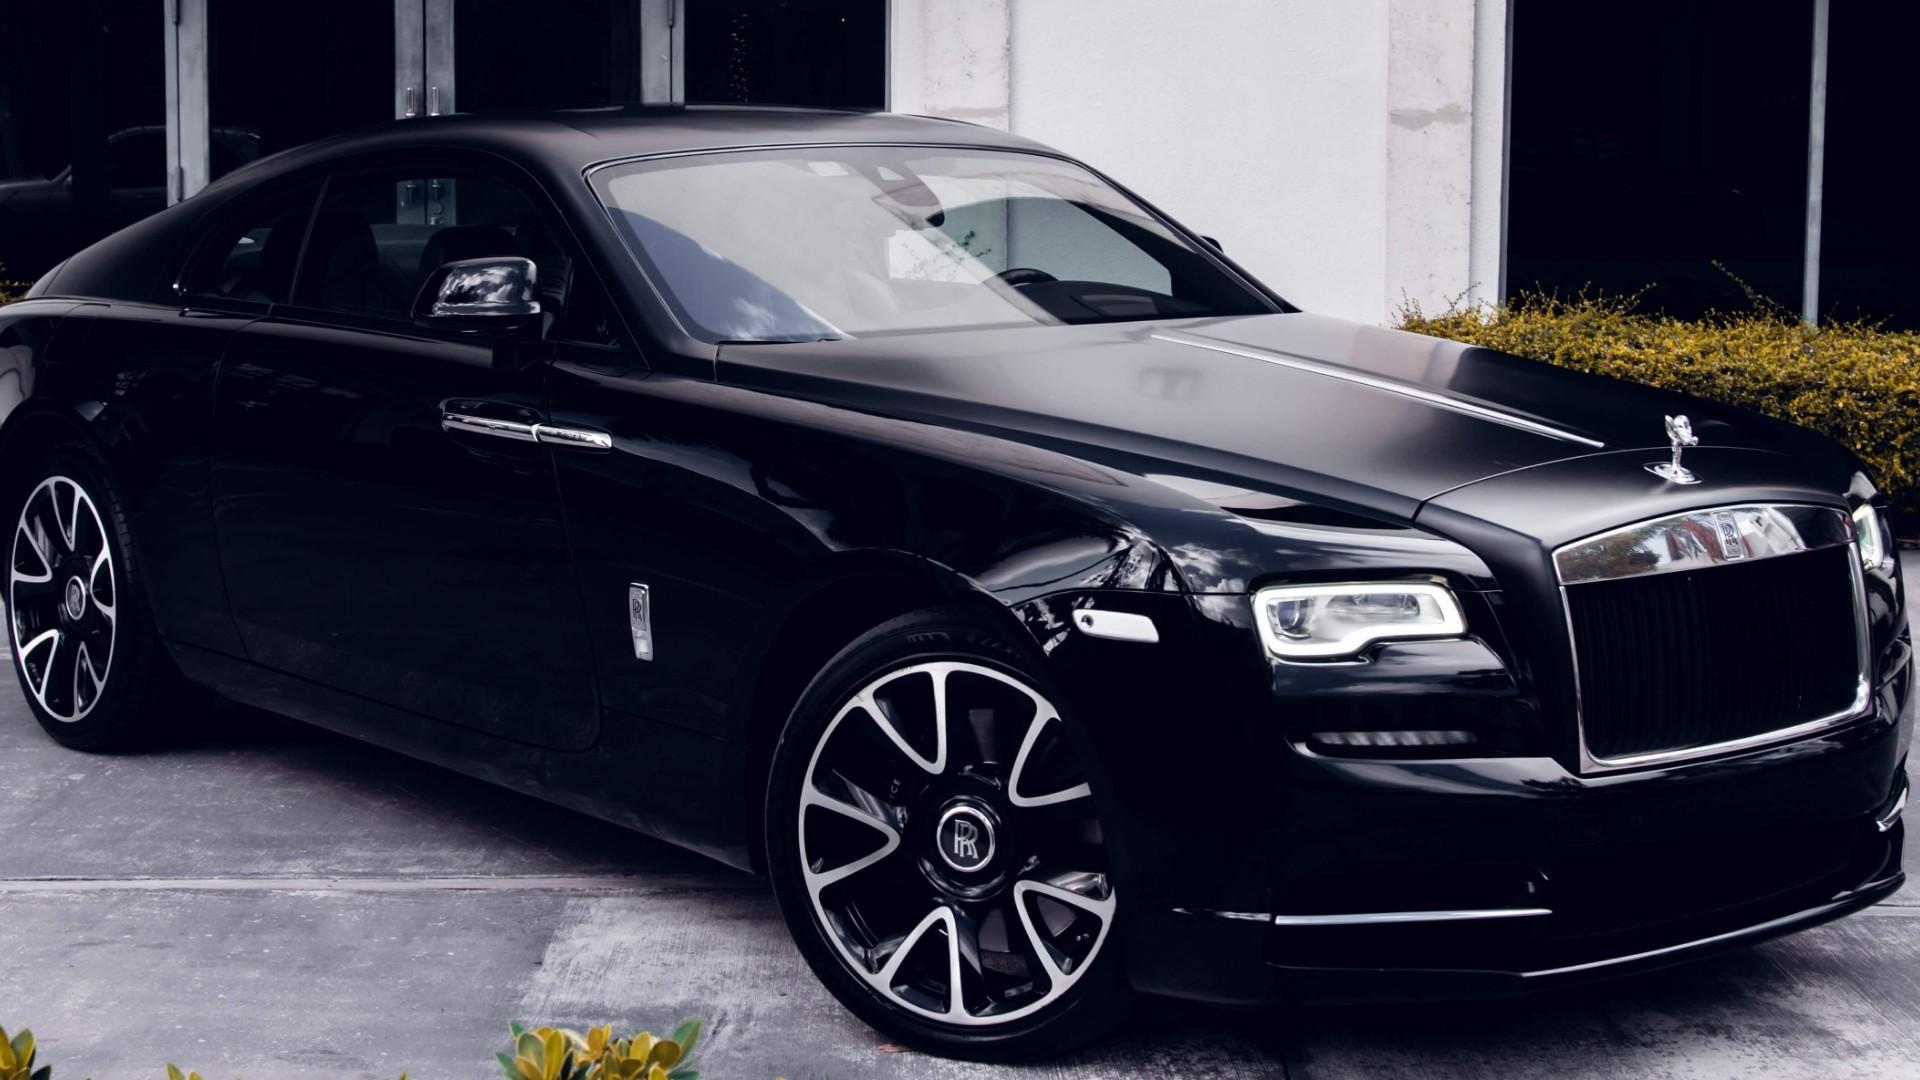 Rolls Royce Wraith Car Insurance Header Image